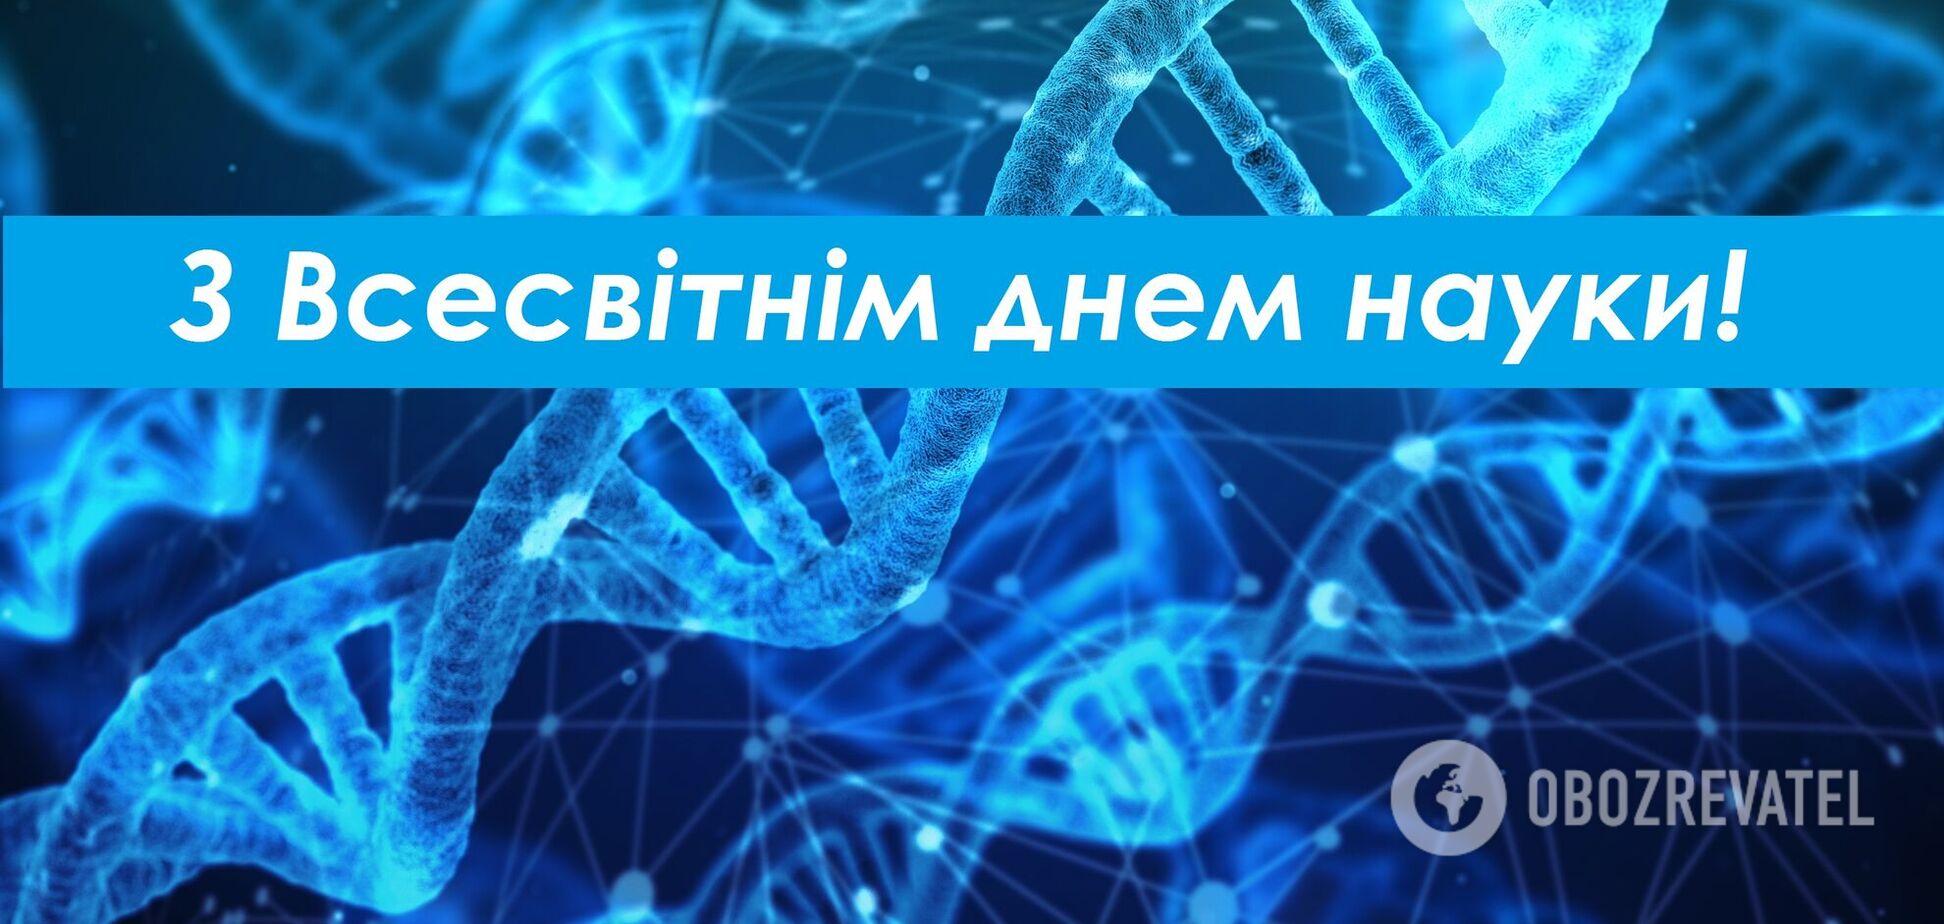 10 ноября отмечается Всемирный день науки